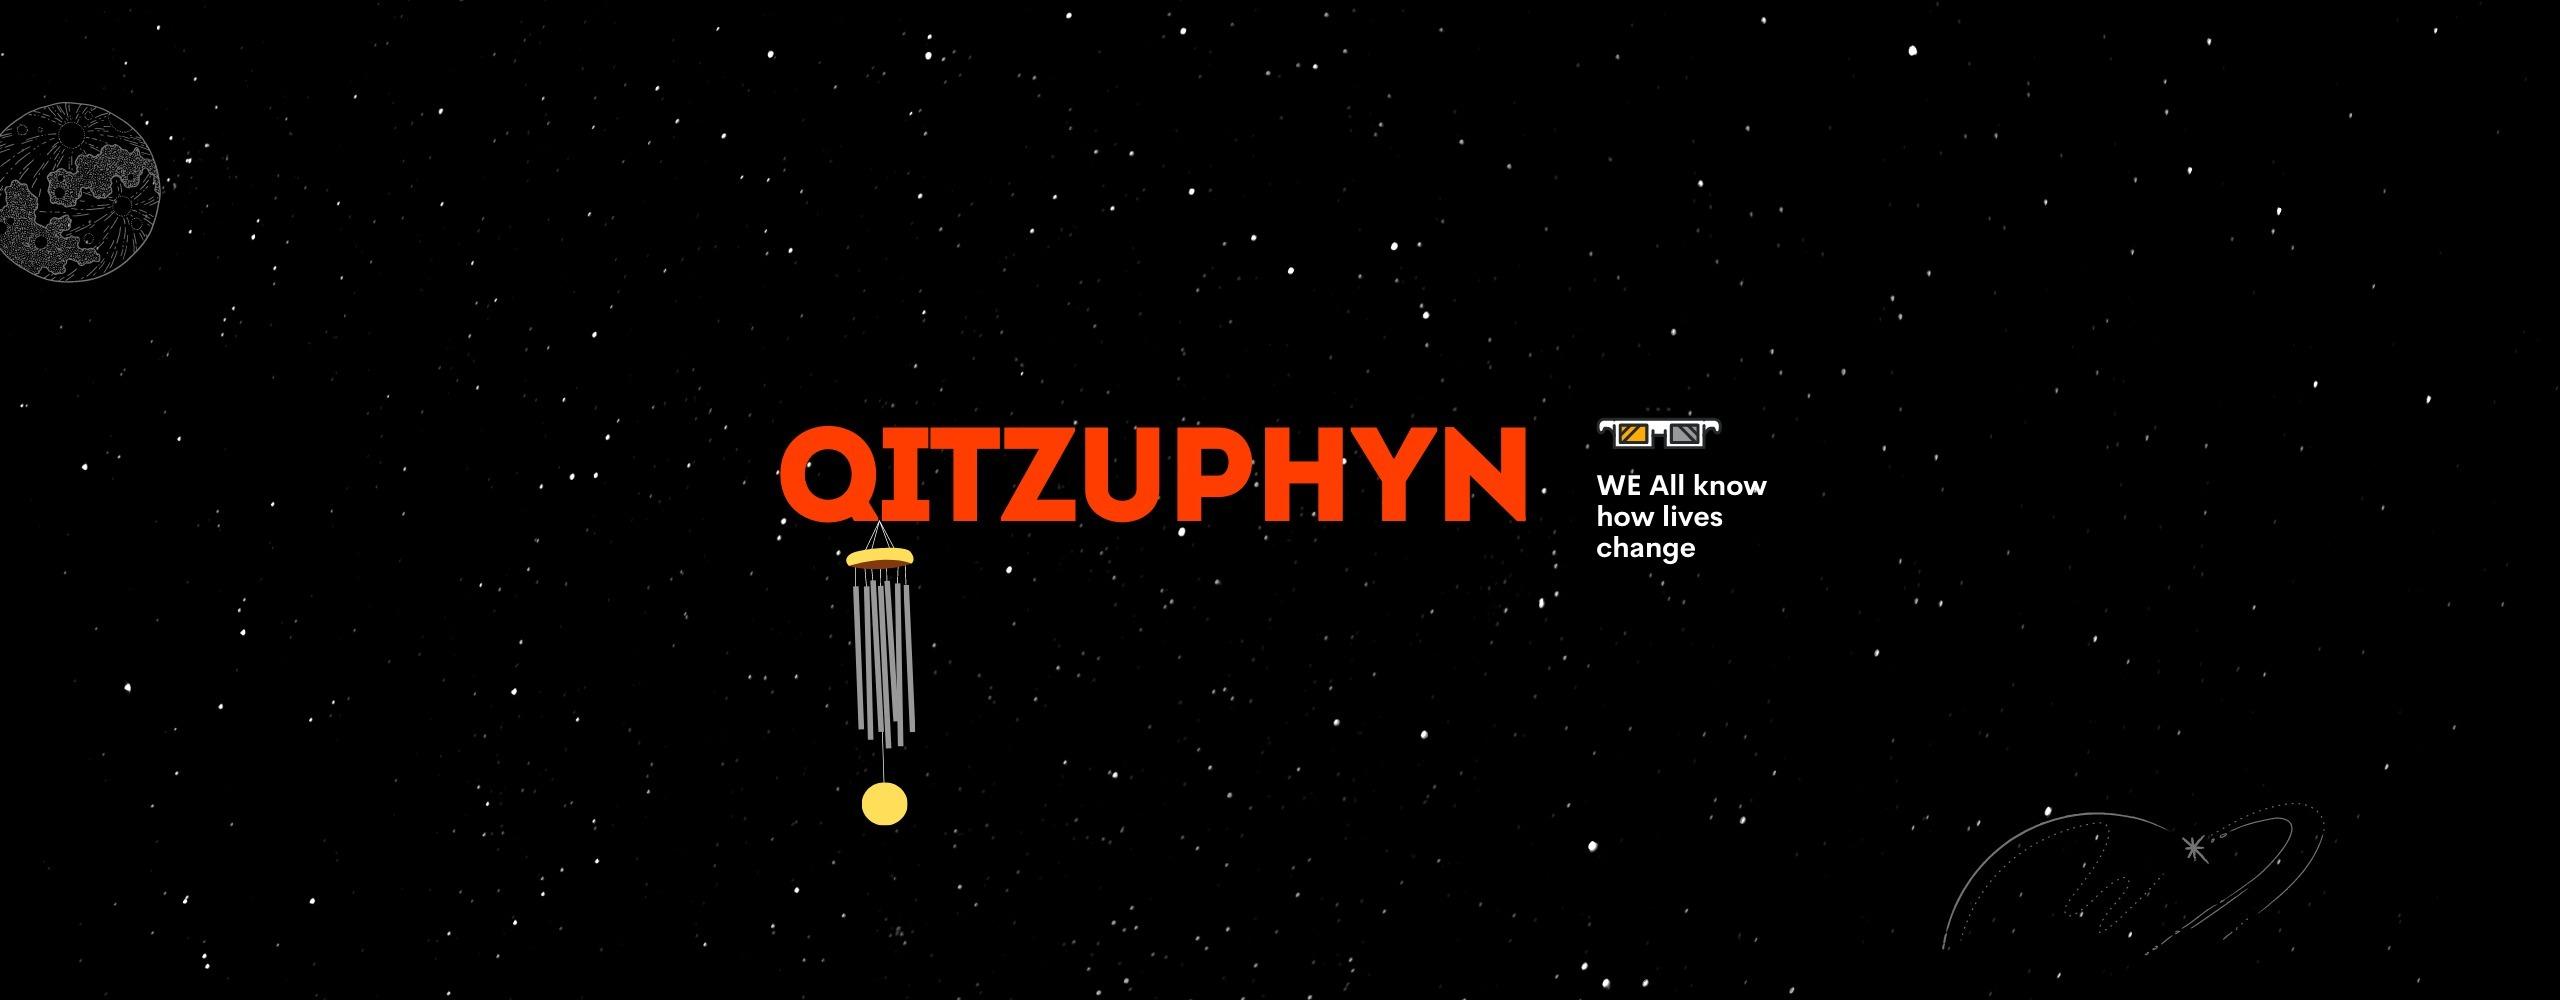 qitzuphyn (@qitzuphyn) Cover Image